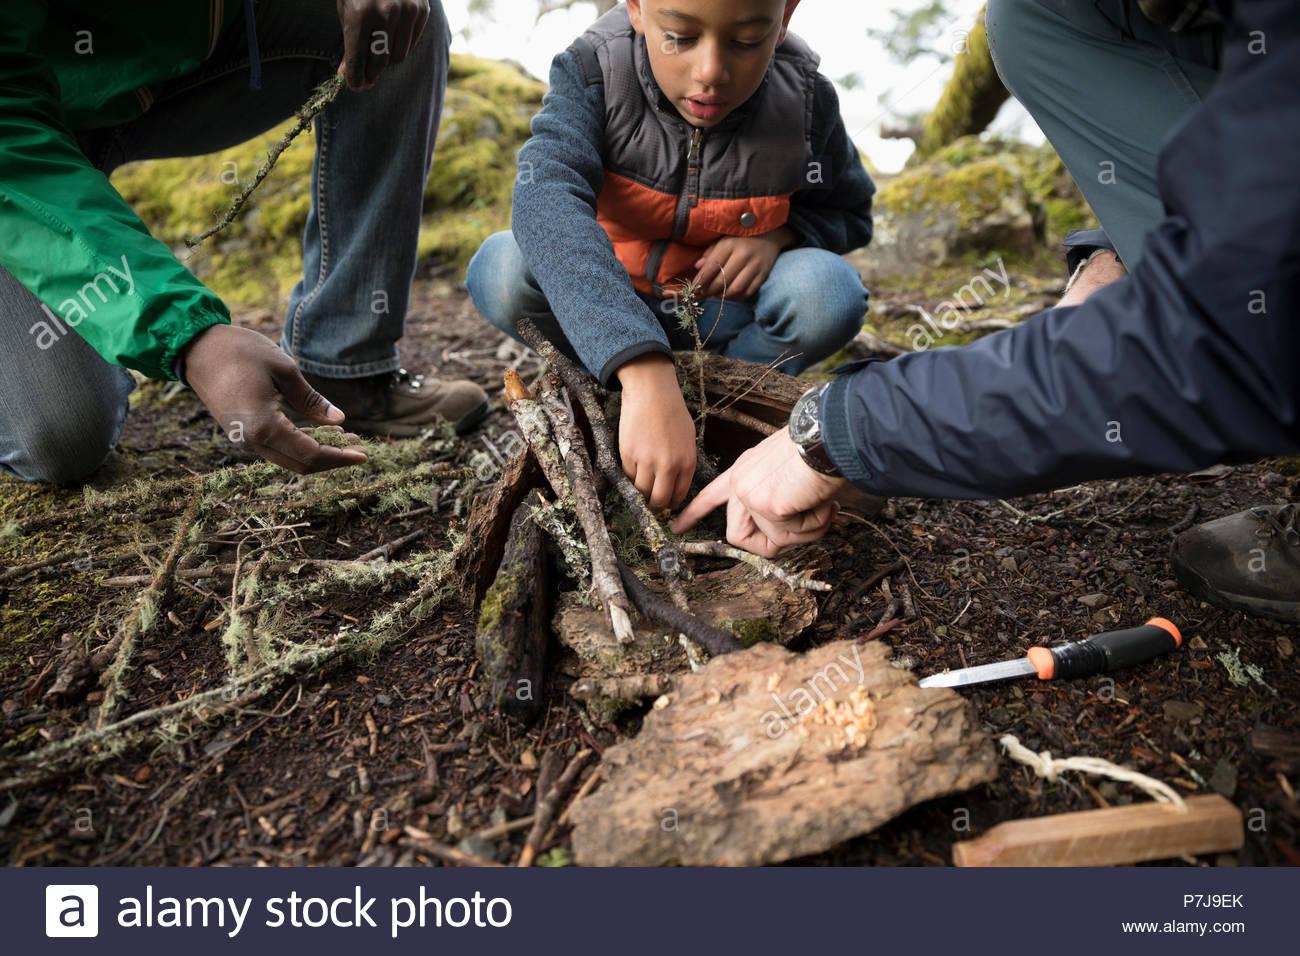 Trail Guide und Vater helfen Jungen, ein Feuer im Wald bauen Stockbild